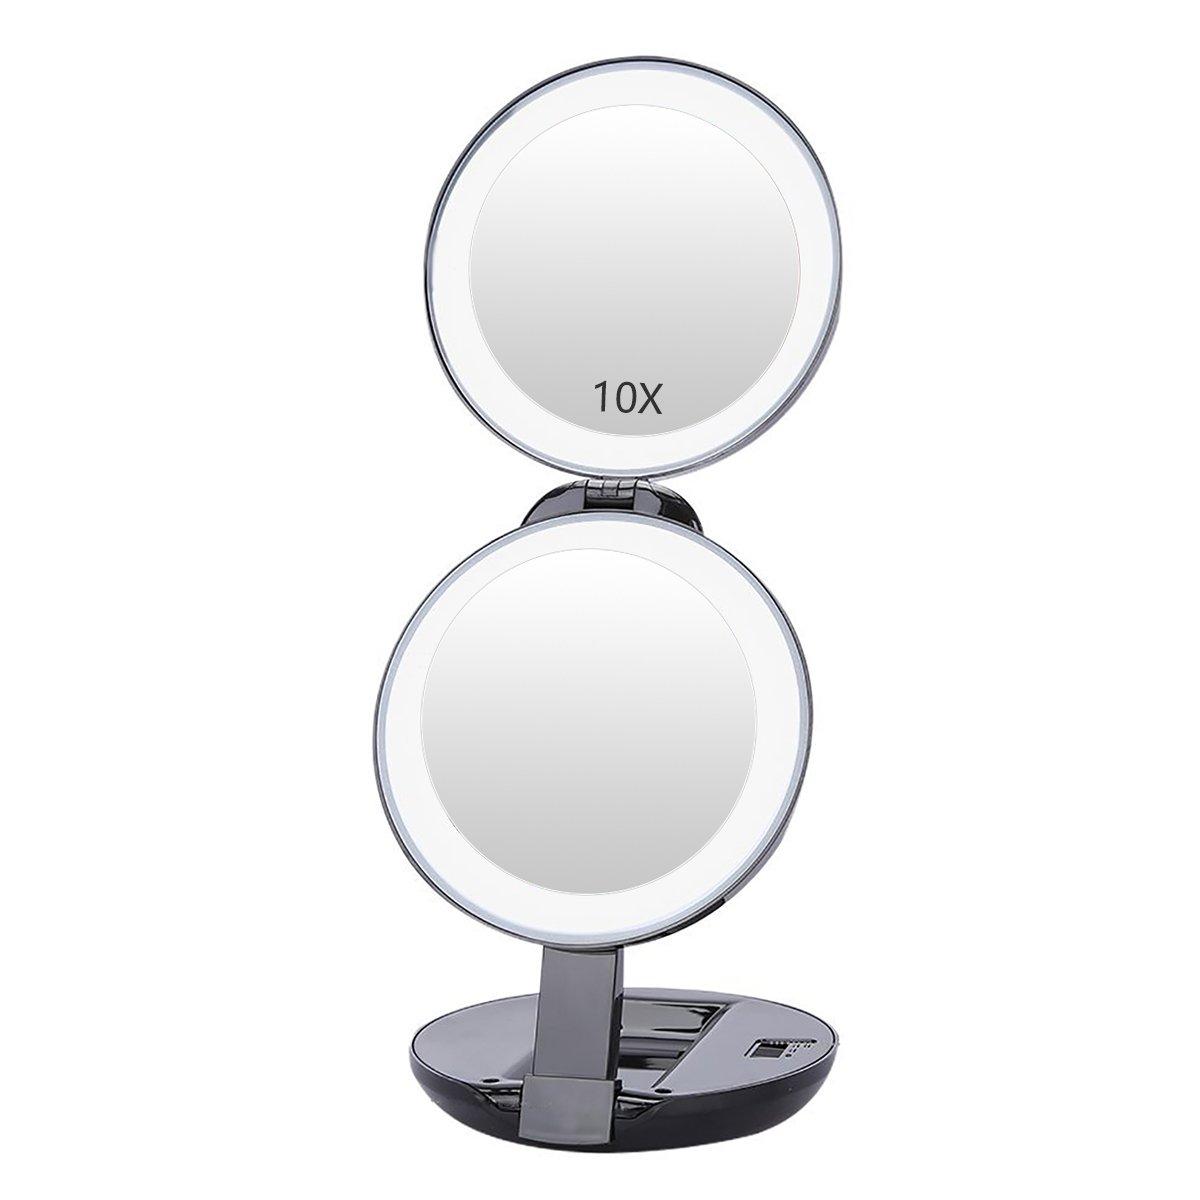 1X/10X Espejo de Maquillaje con Luz LED, Silky Select Espejo Profesional para Mujeres con 10X Aumento y 16LED Portátil Plegable Cosmético Magnificado para Viaje-Negro